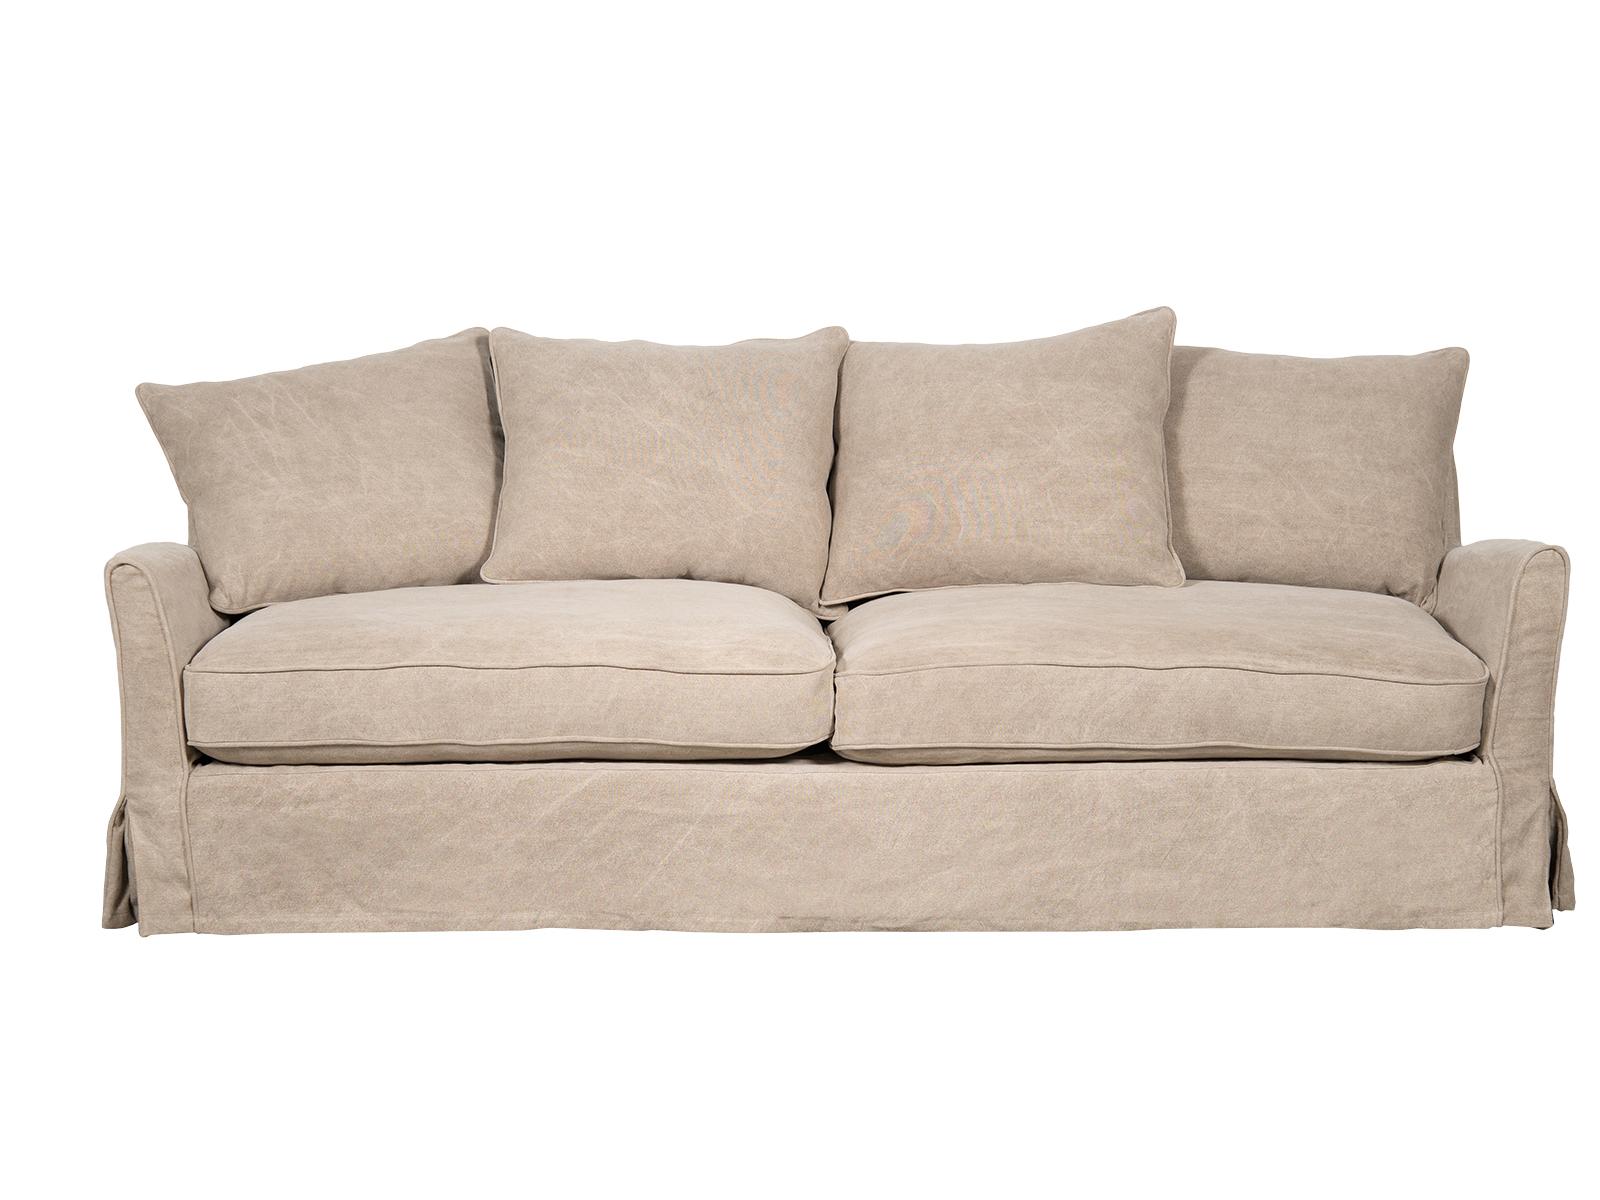 Canapea fixa 3,5 locuri Rosanna